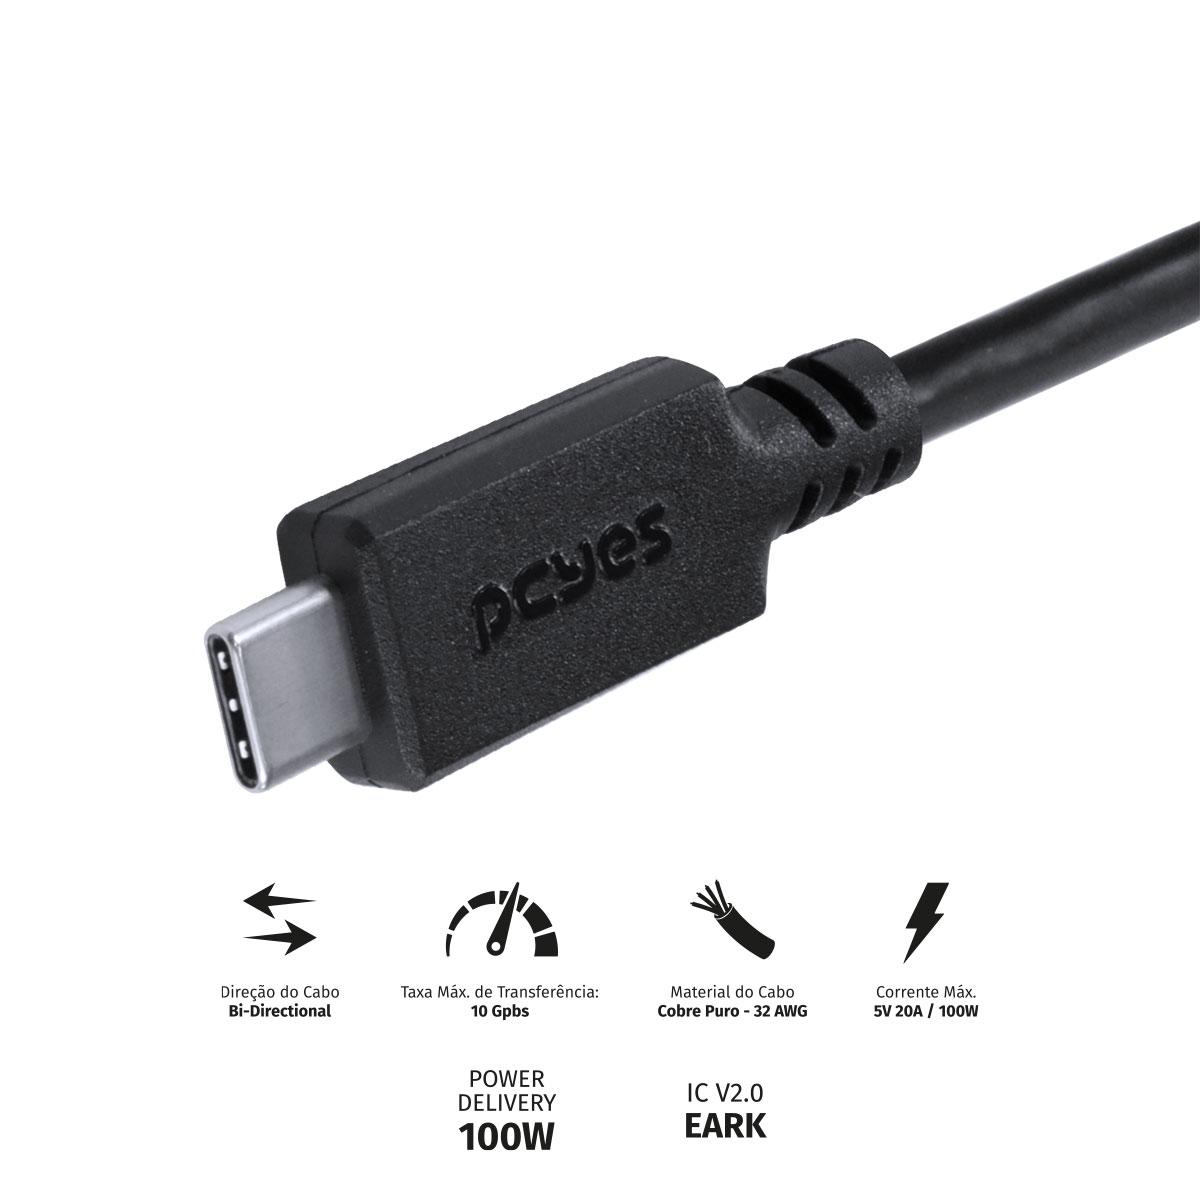 CABO USB TIPO C 3.1 PARA USB TIPO C COM POWER DELIVERY (PD) 100W PARA CELULAR SMARTPHONE 1 METRO PRETO - P31UCCP-1